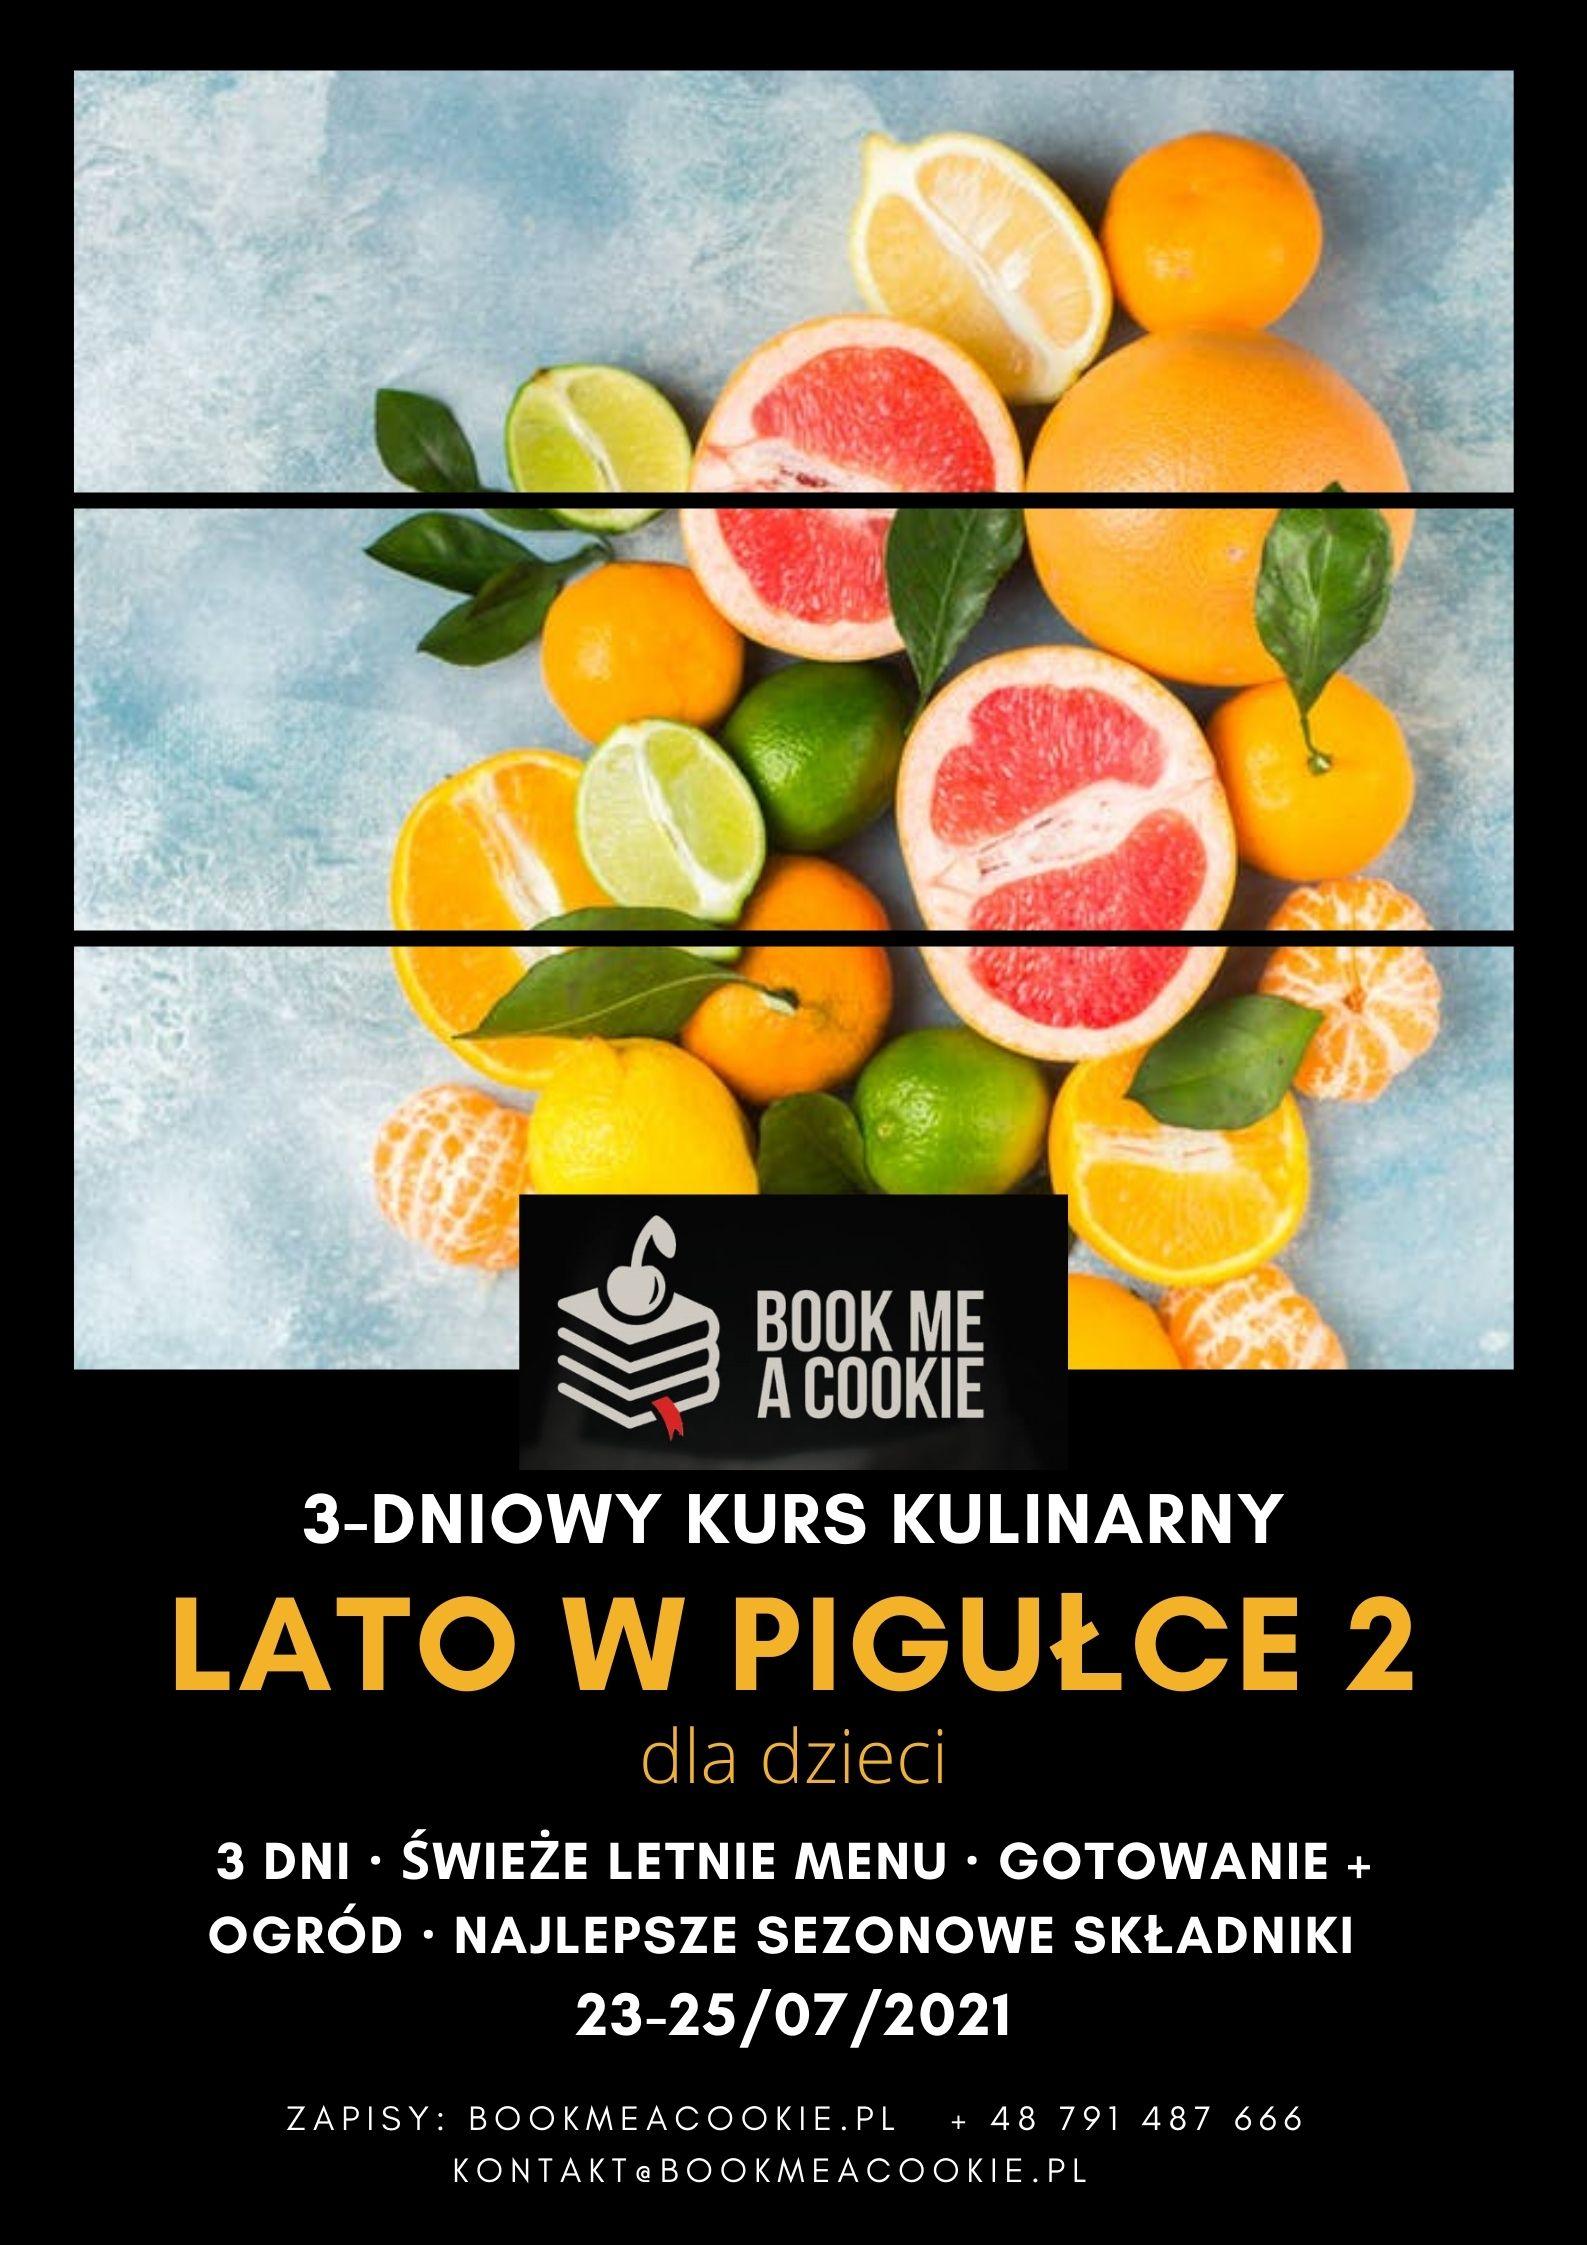 Wakacyjny kurs kulinarny dla dzieci: Lato w pigułce 2